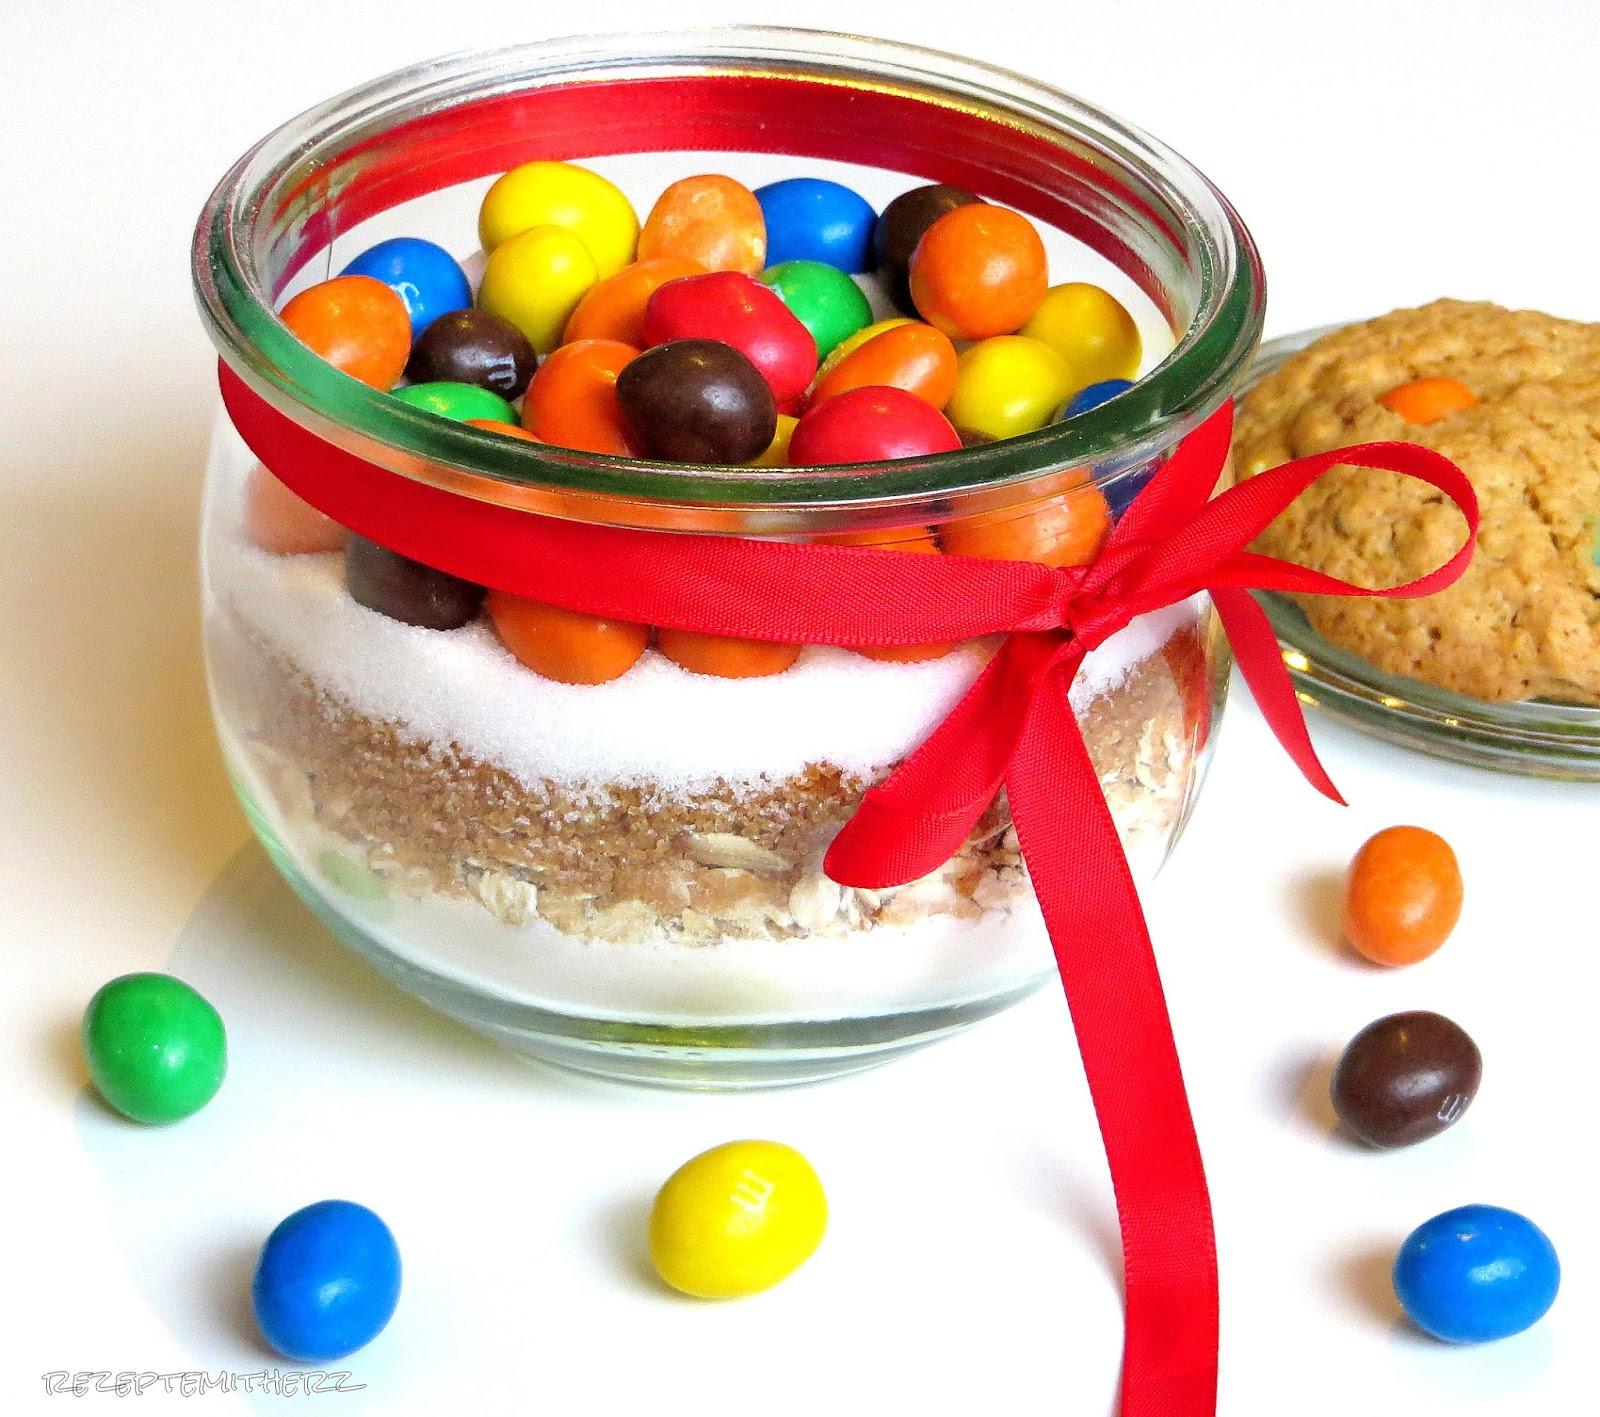 Beliebt Backmischung im Glas: Cookies mit M & Ms ♡ DL36